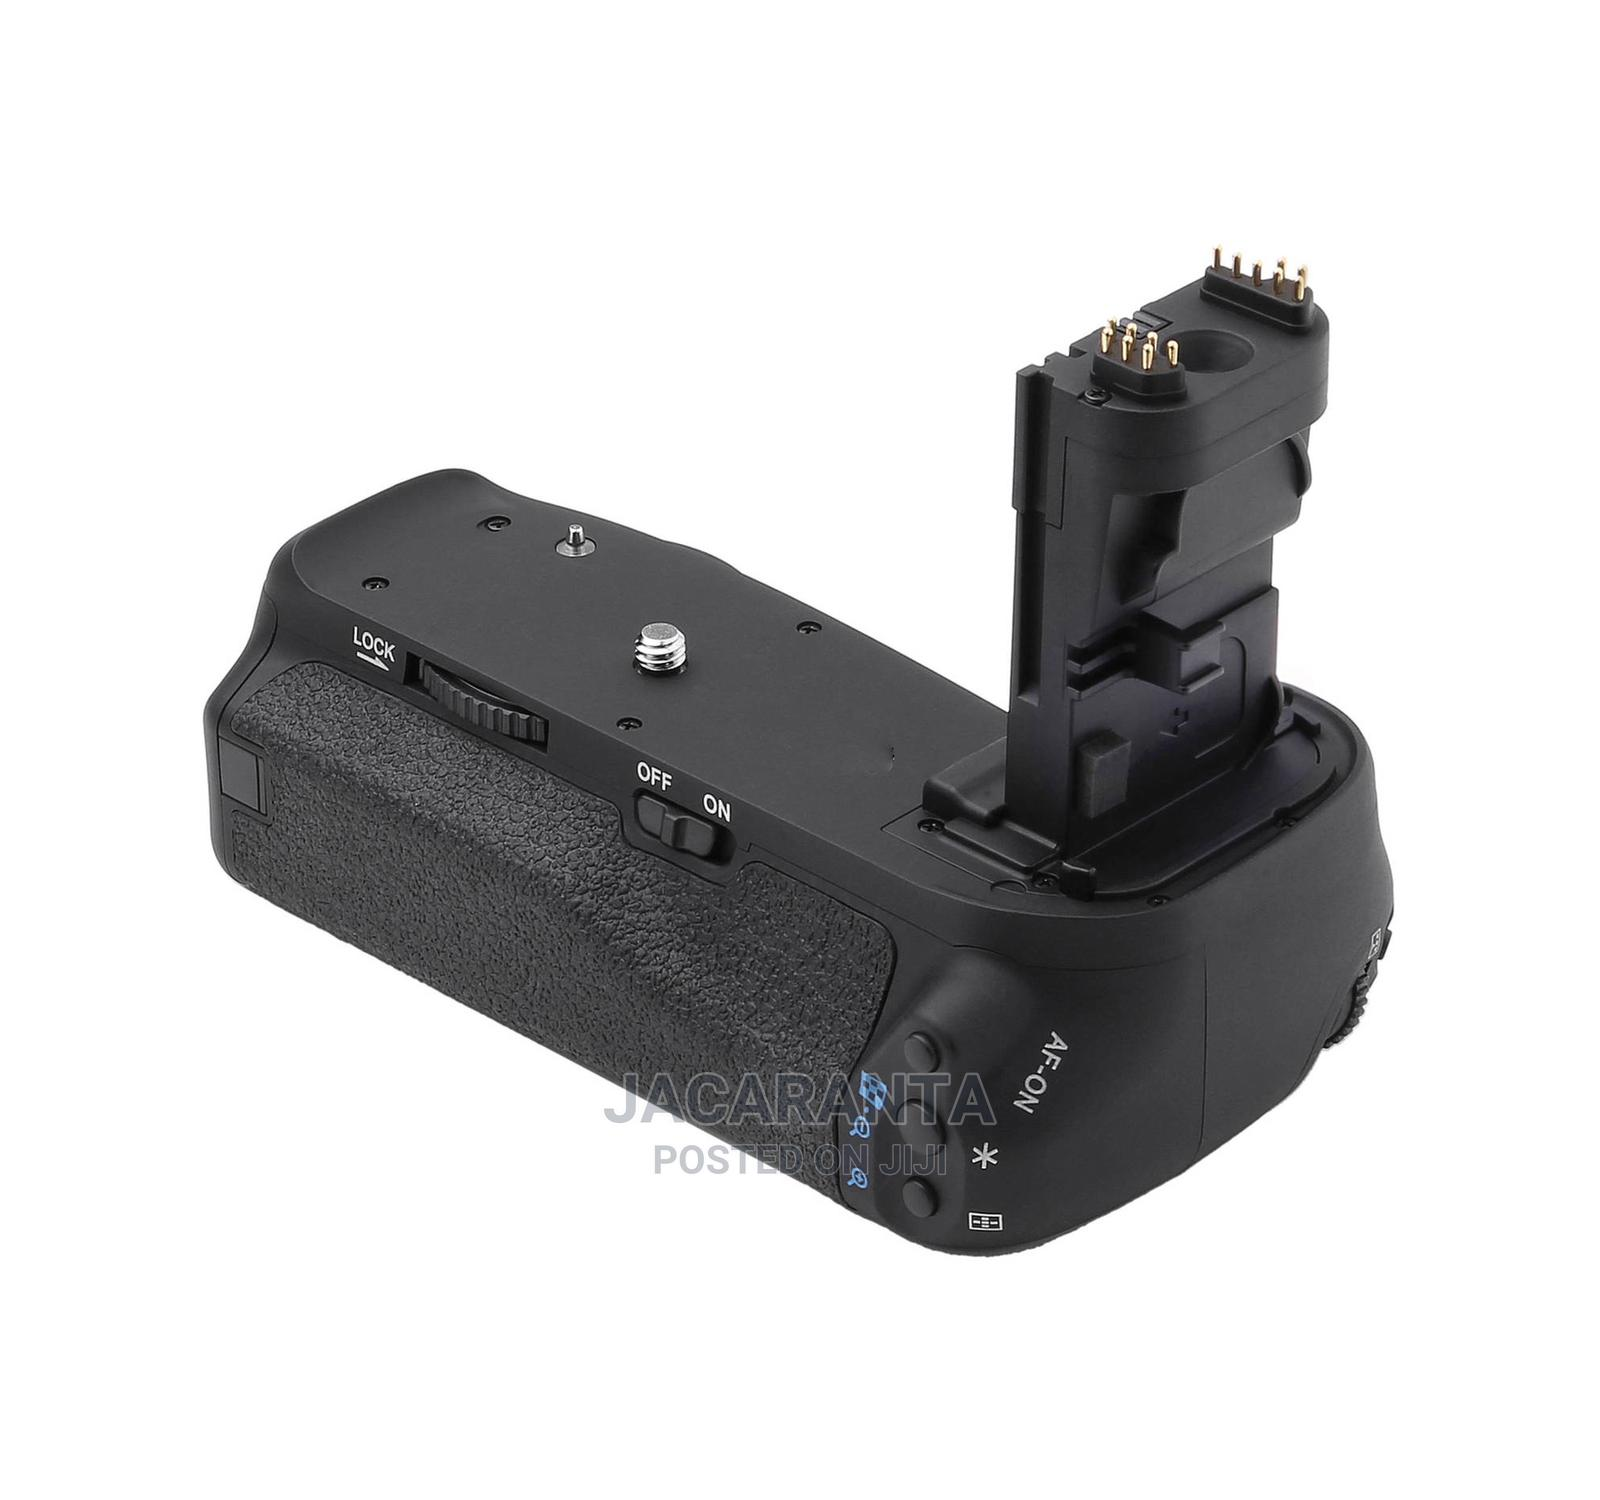 BG-C10 Battery Grip for Canon 70D, 80D 90D DSLR Camera